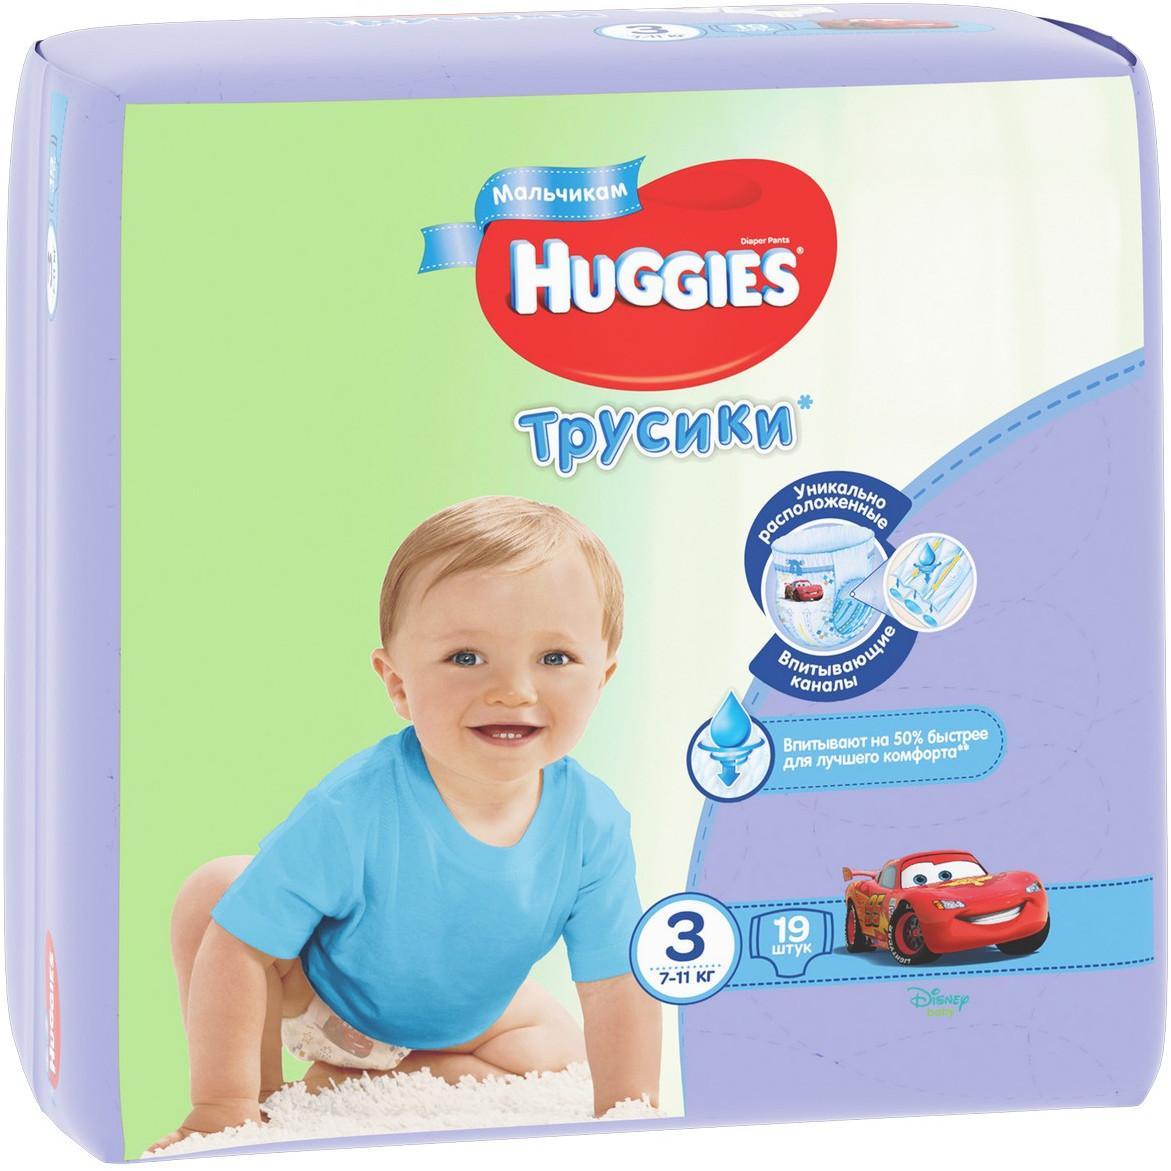 Трусики Huggies 3 для мальчиков 7-11кг 19шт.